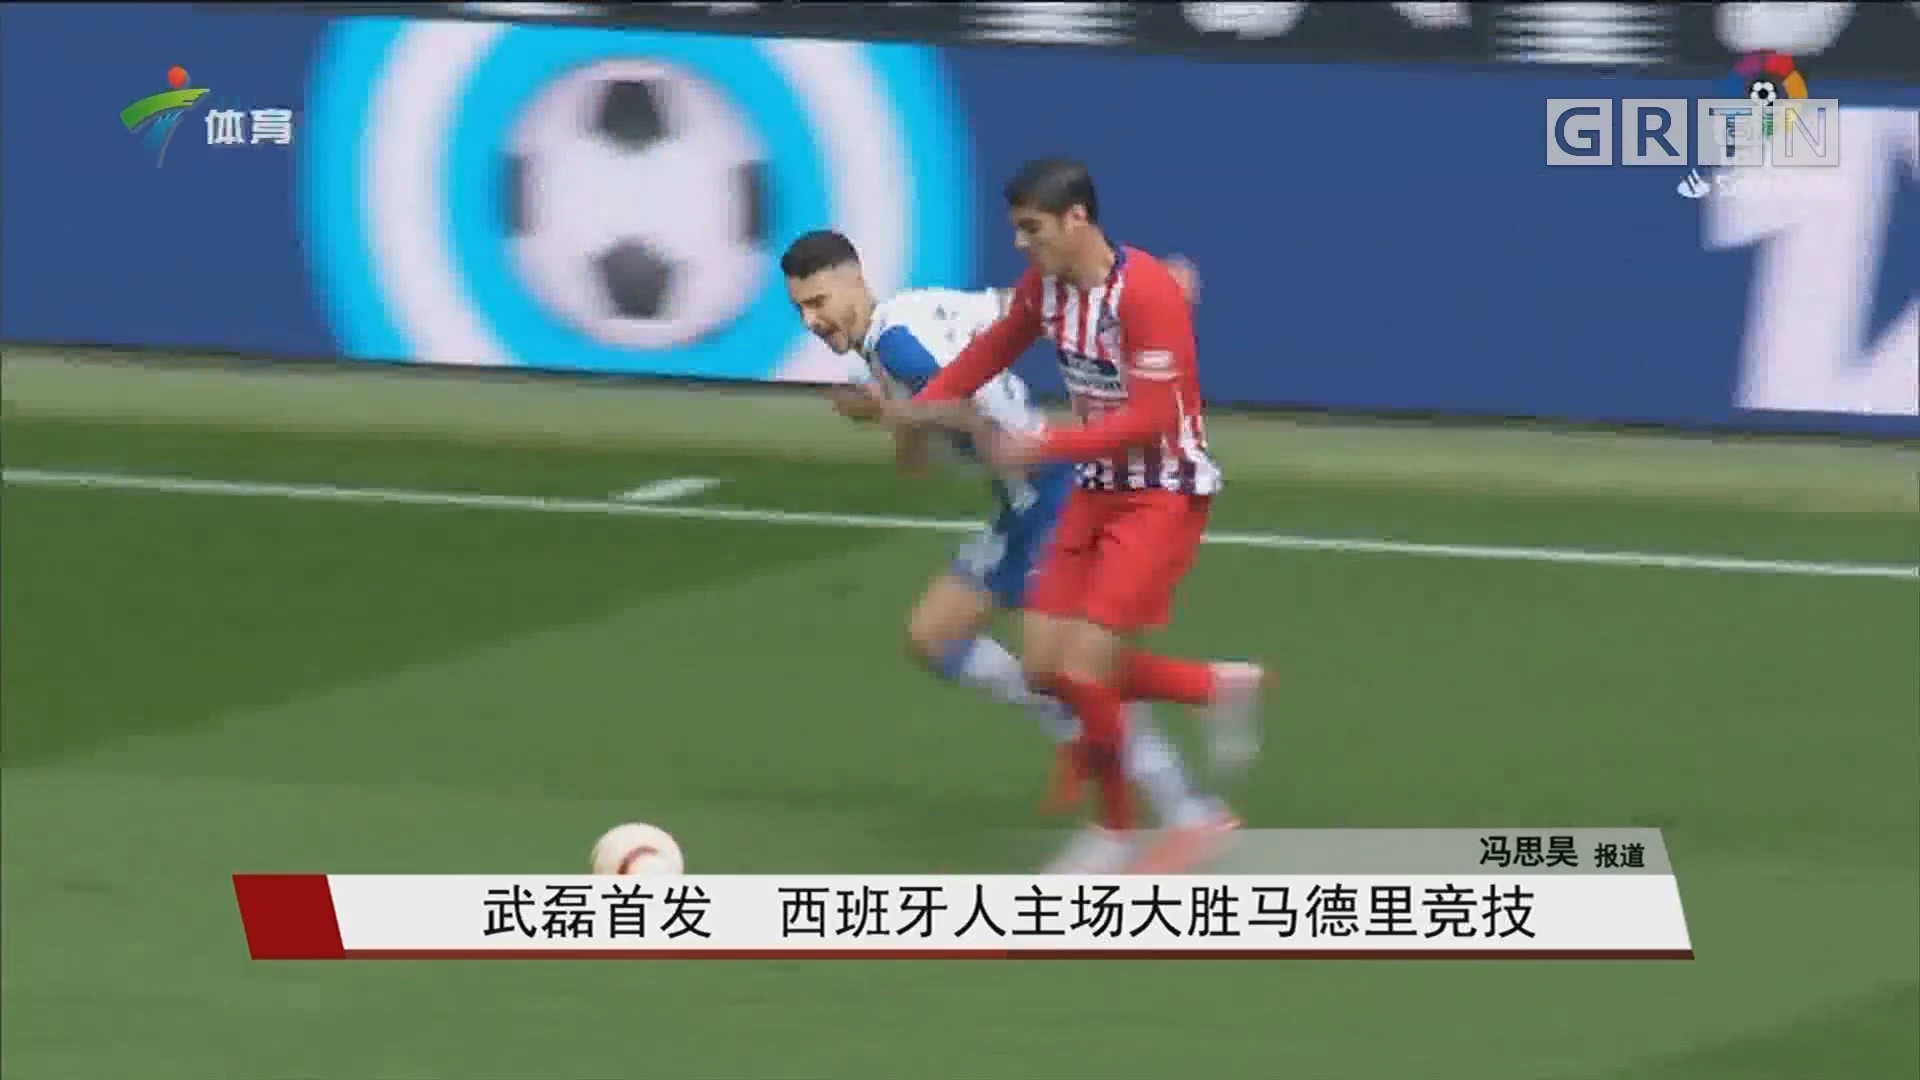 武磊首发 西班牙人主场大胜马德里竞技